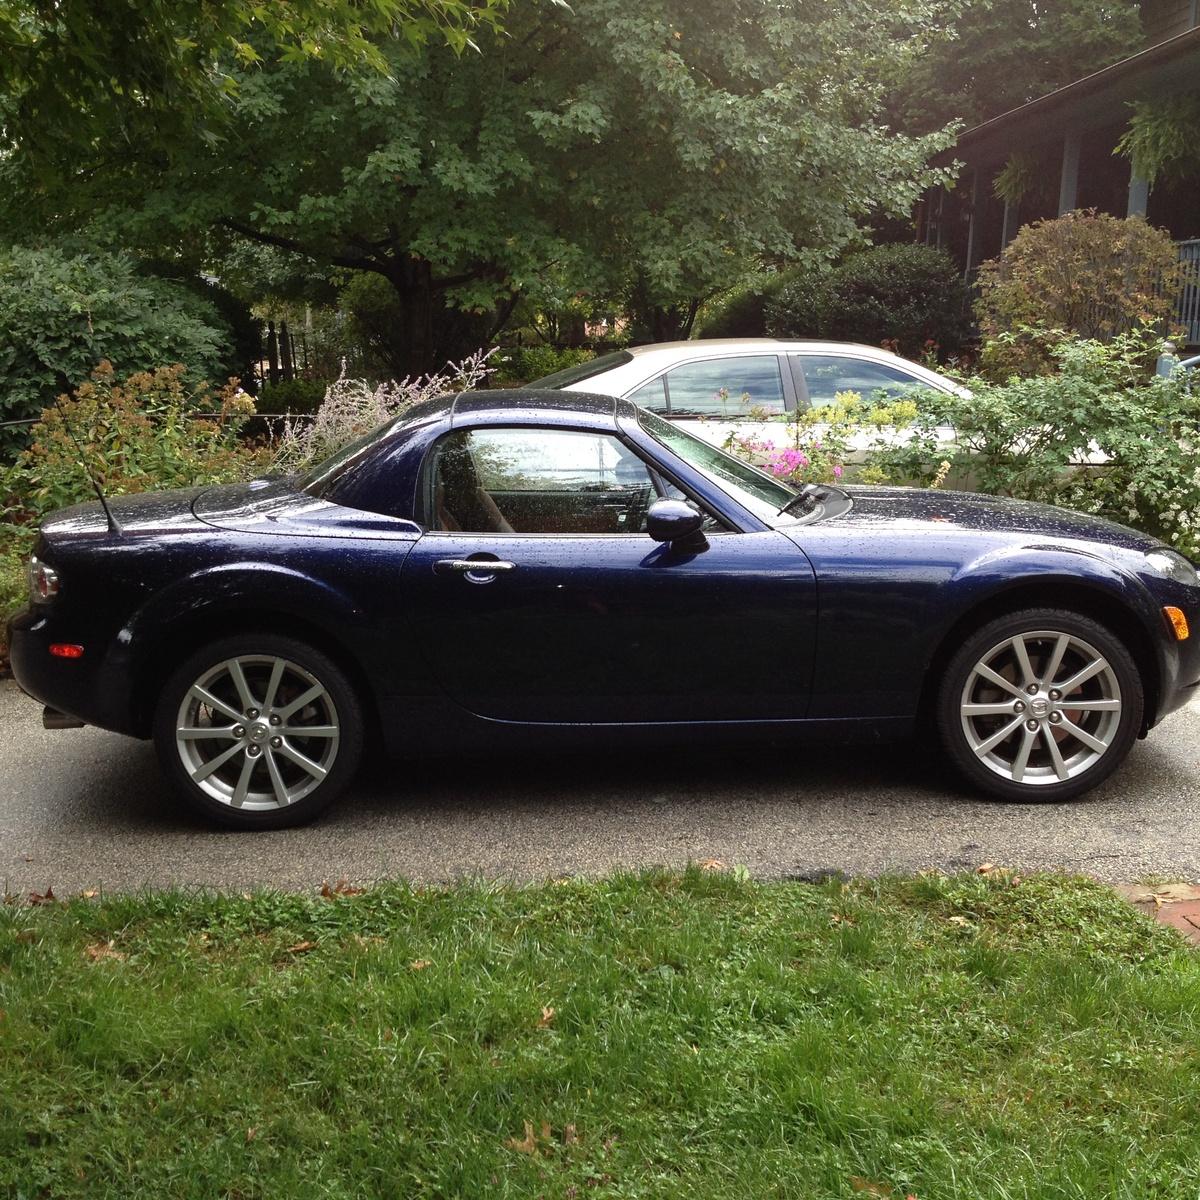 Mazda 6 Grand Touring For Sale: Picture Of 2008 Mazda MX-5 Miata Grand Touring, Exterior